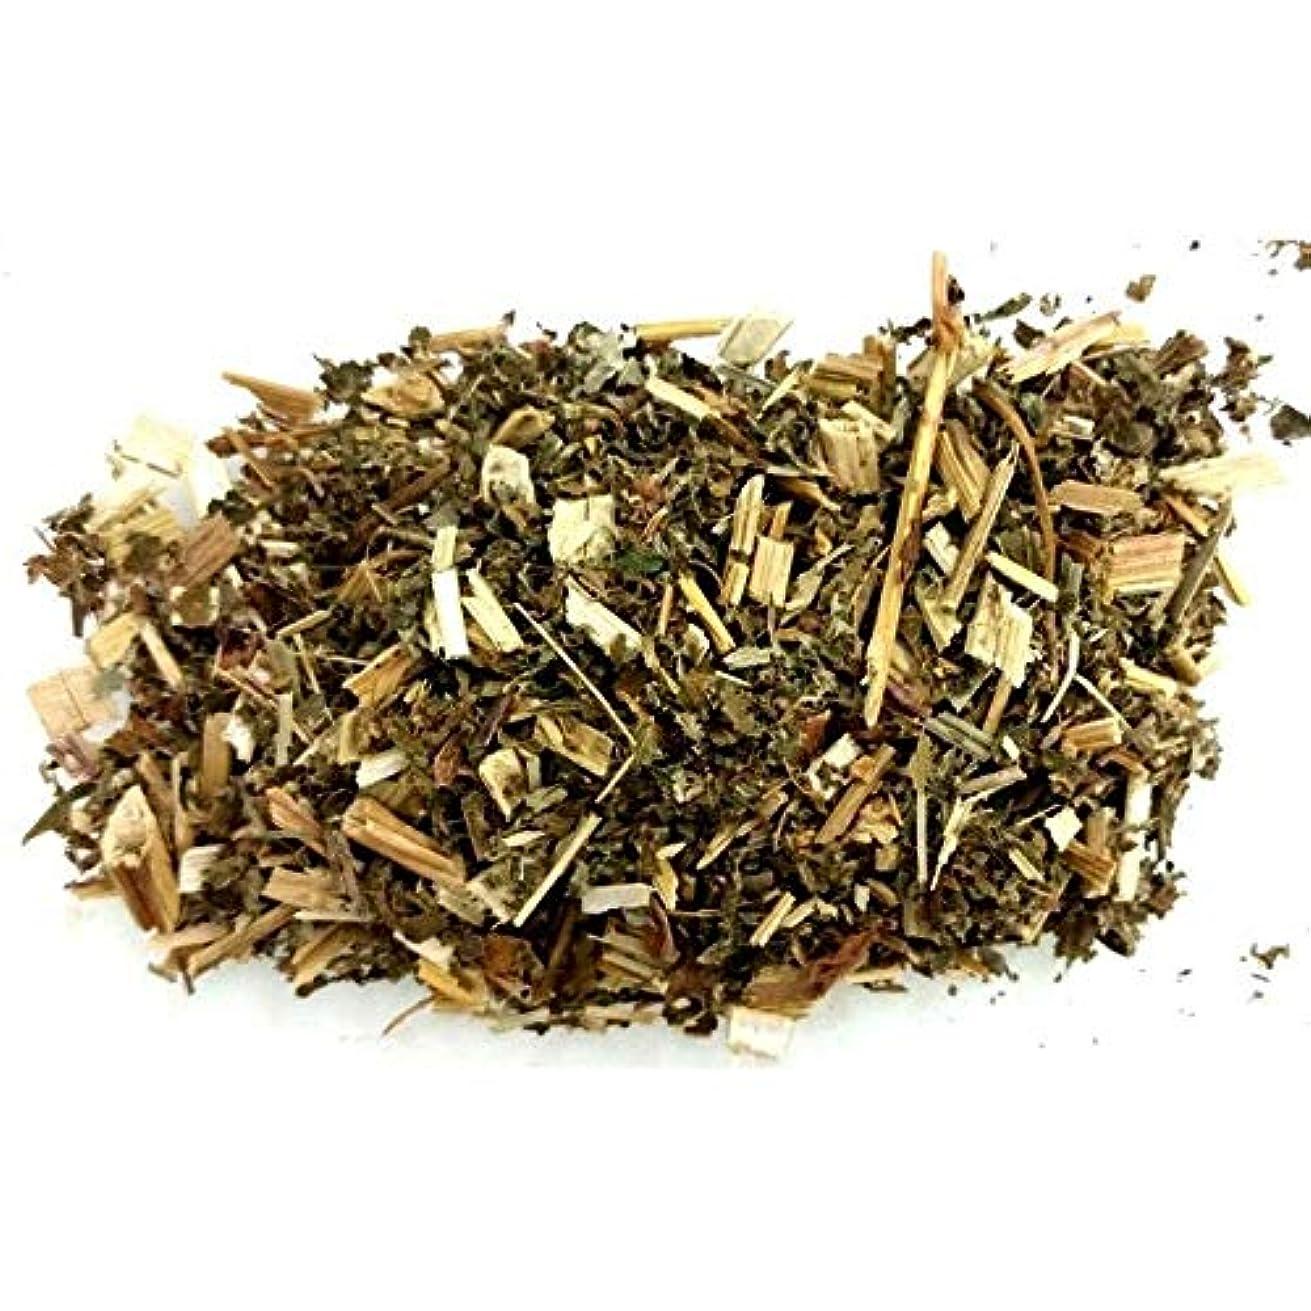 ラボパーティー成分種子パッケージ:甘い香り-Incense Magikal Seedion儀式ウィッカパガンゴス